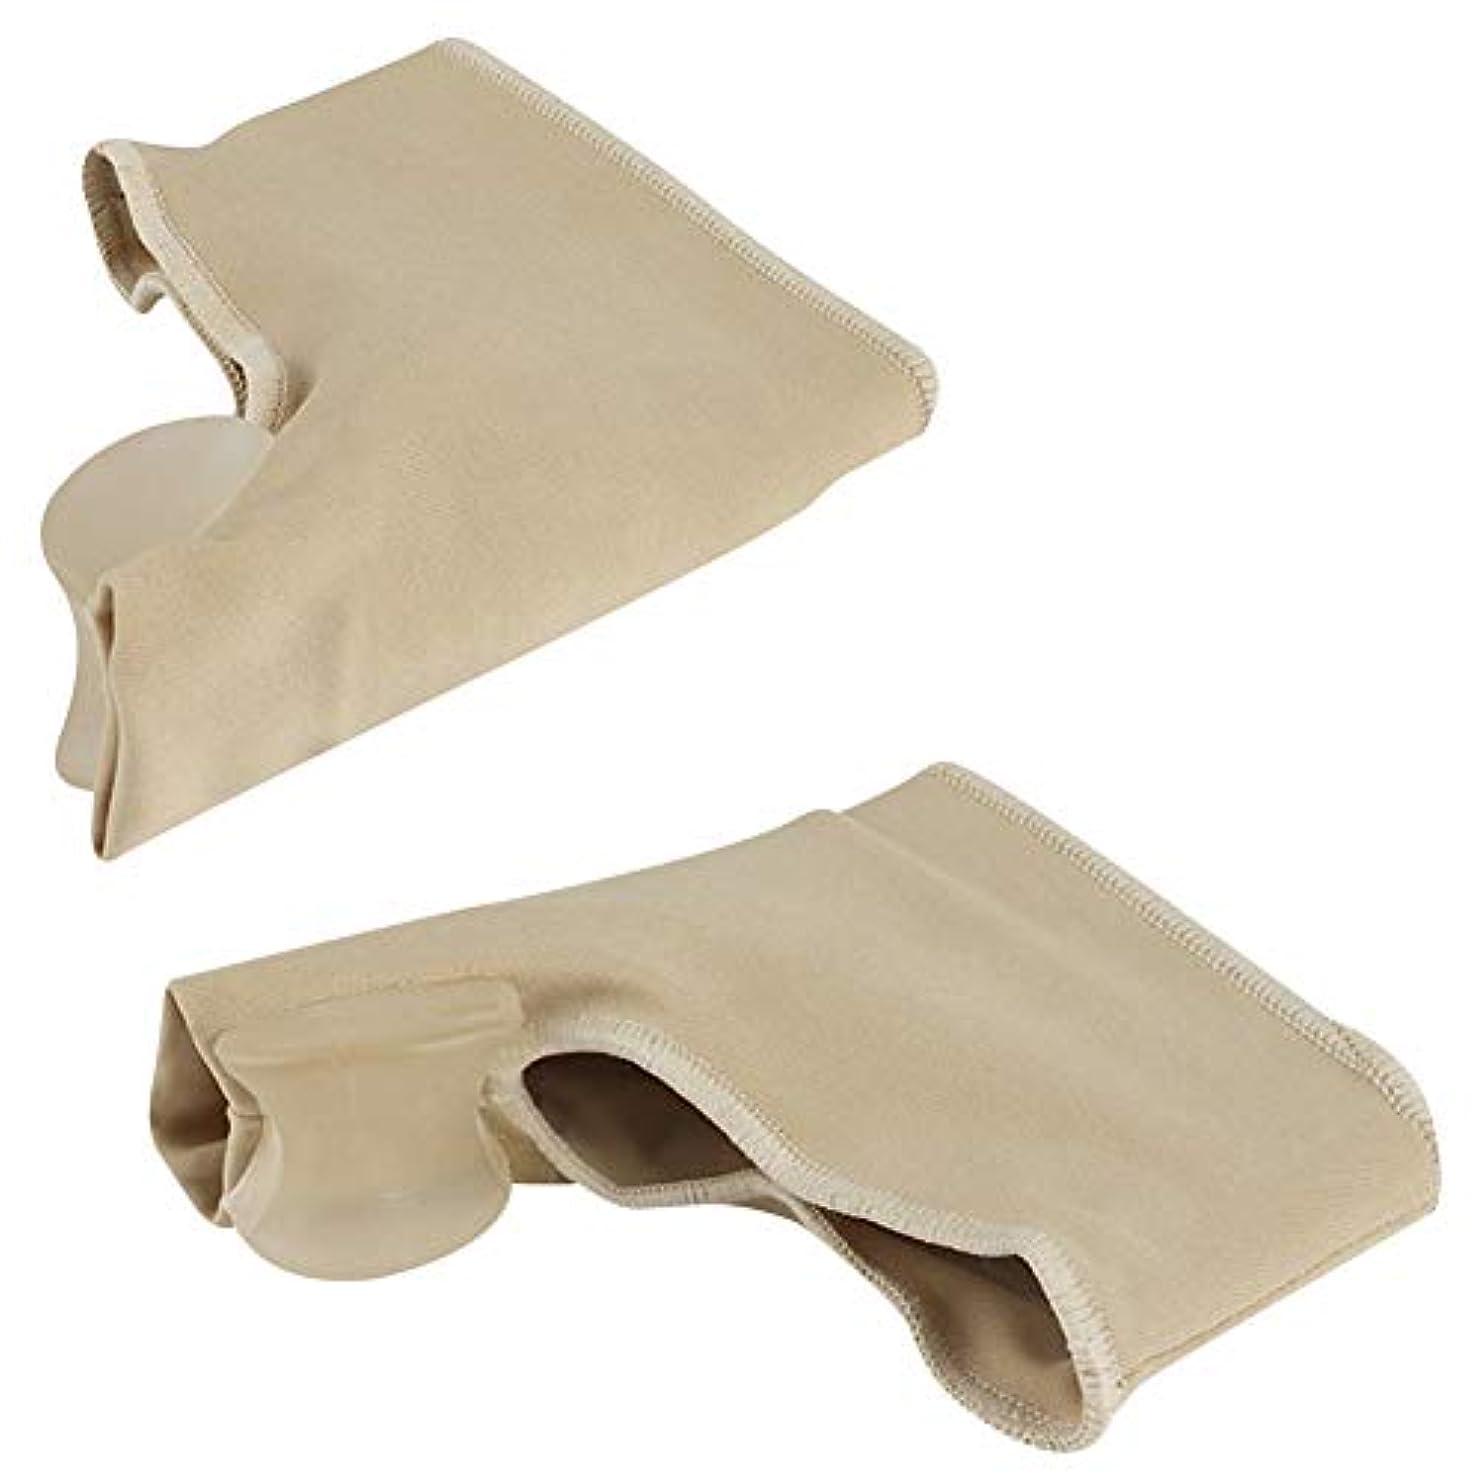 全くスクラッチ株式会社OUYOU 足指サポーター 足指を広げる 外反母趾 足指矯正パッド 血行促進 シリコン (M)